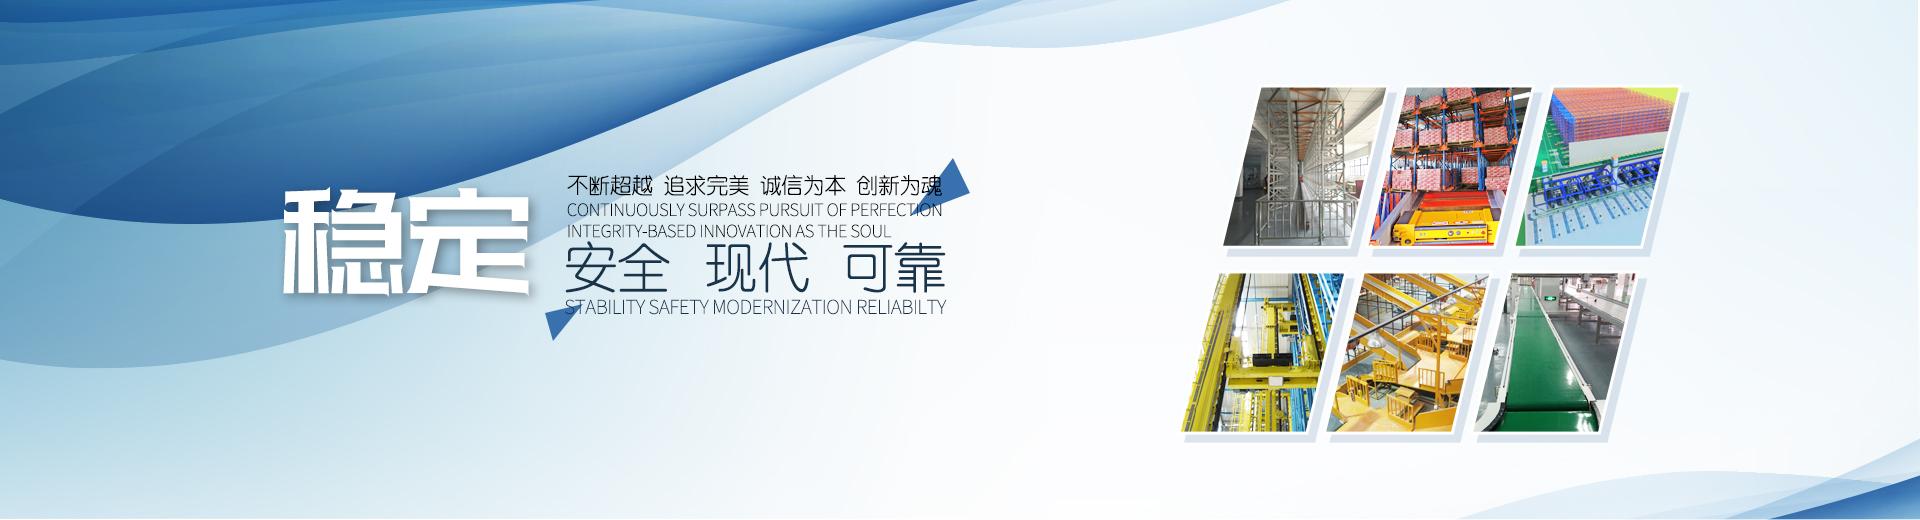 深圳市捷创自动化设备有限公司